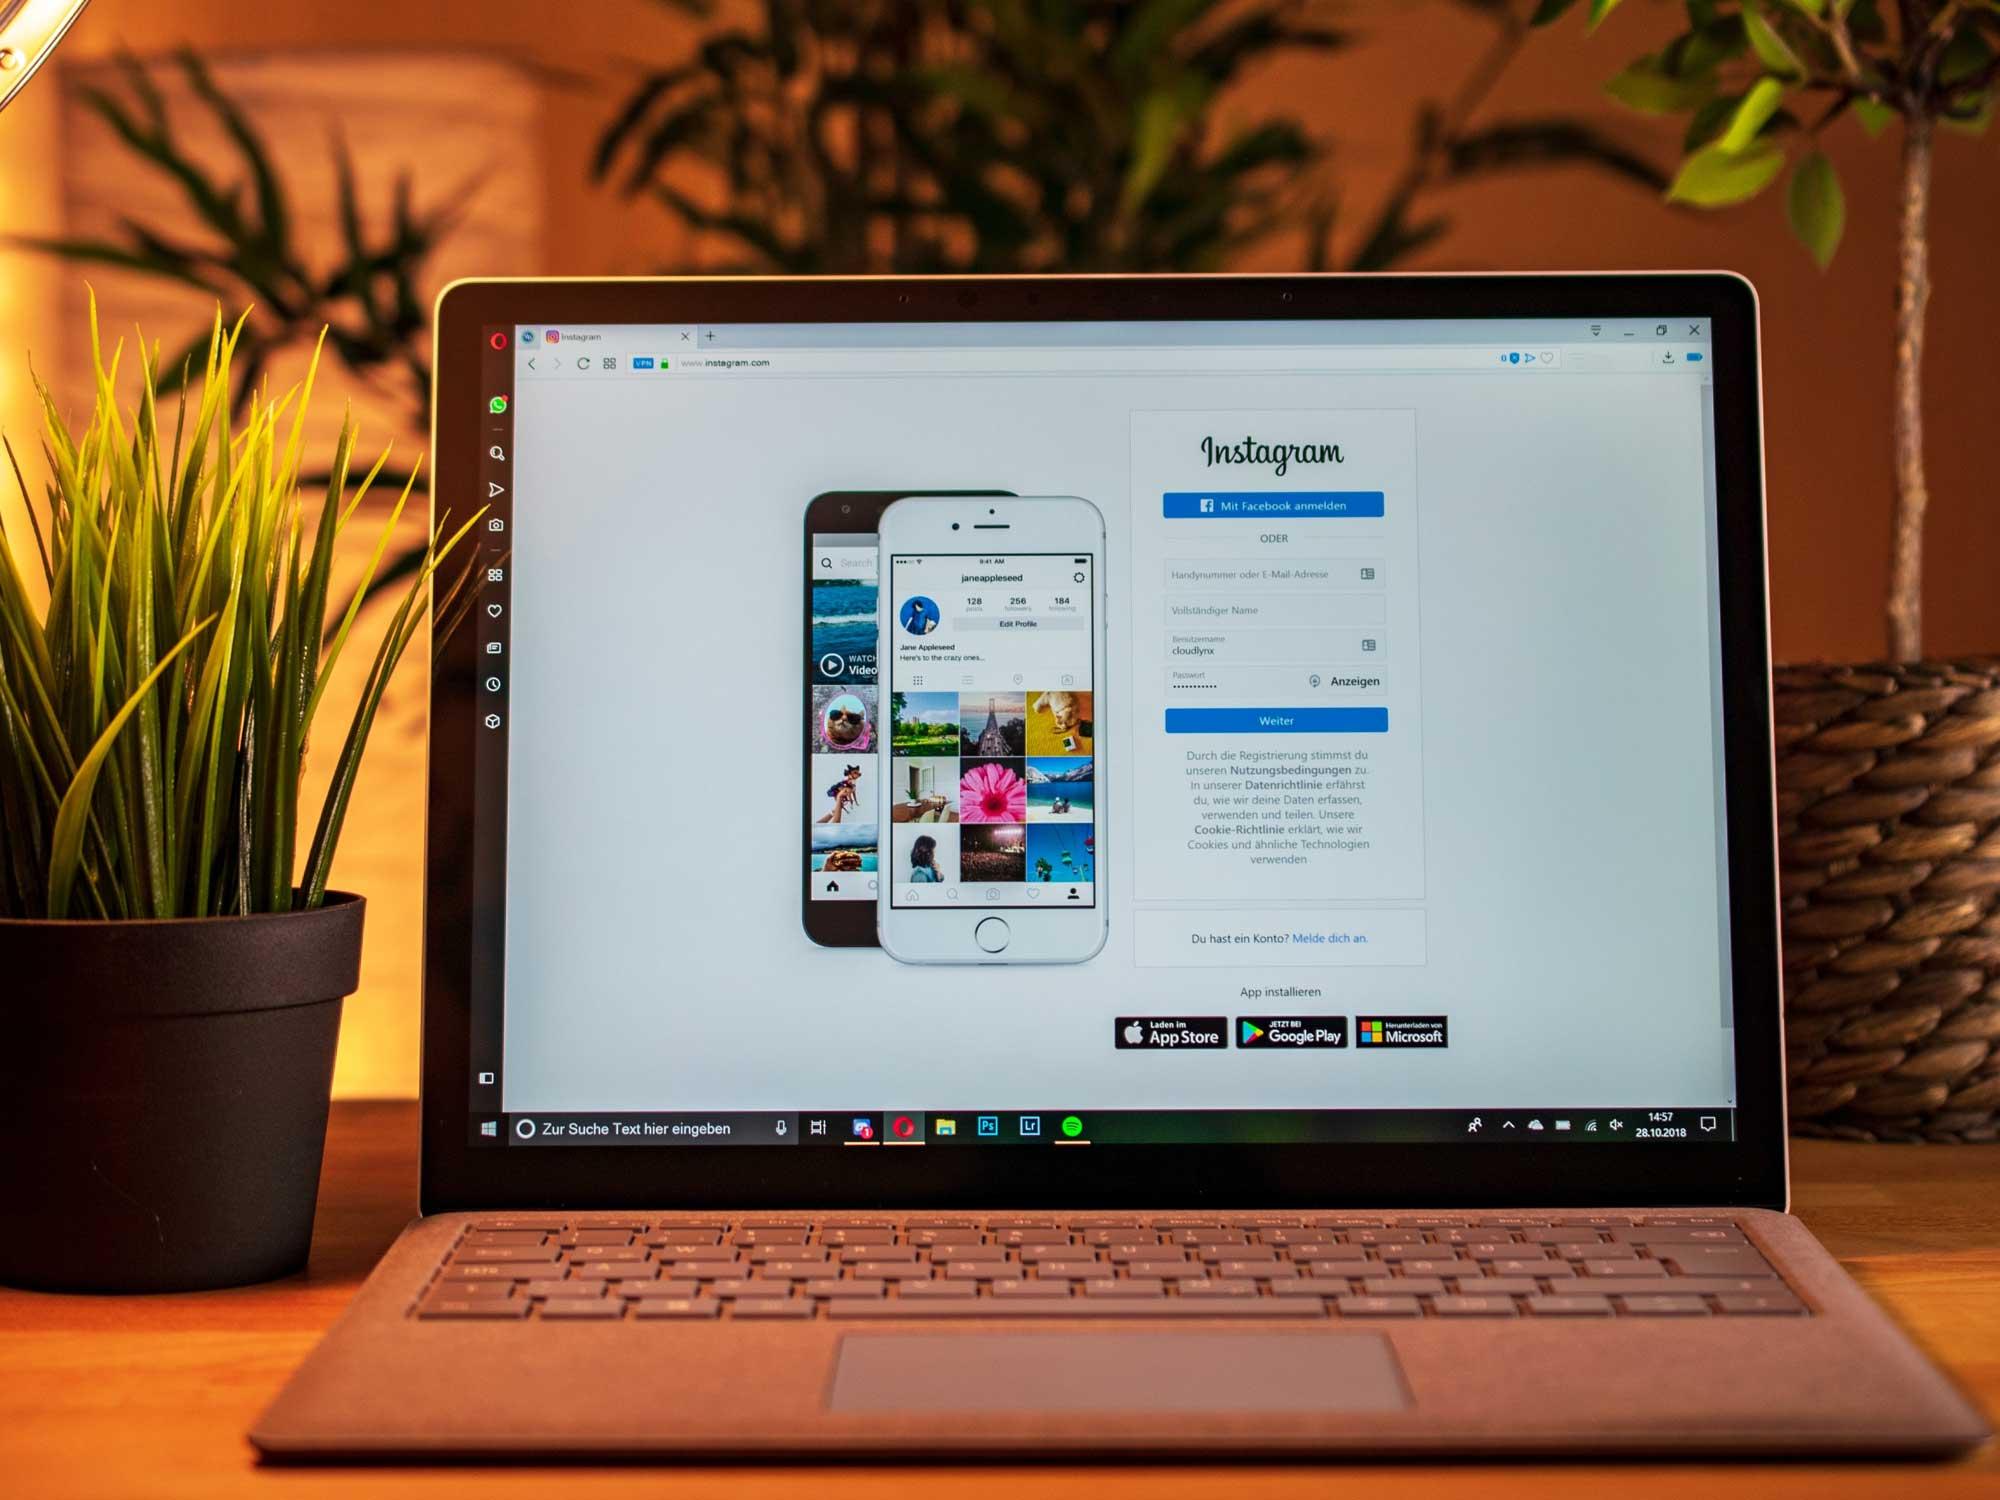 Utilisez les messages privés et lives Instagram sur ordinateur - Agence Sharing